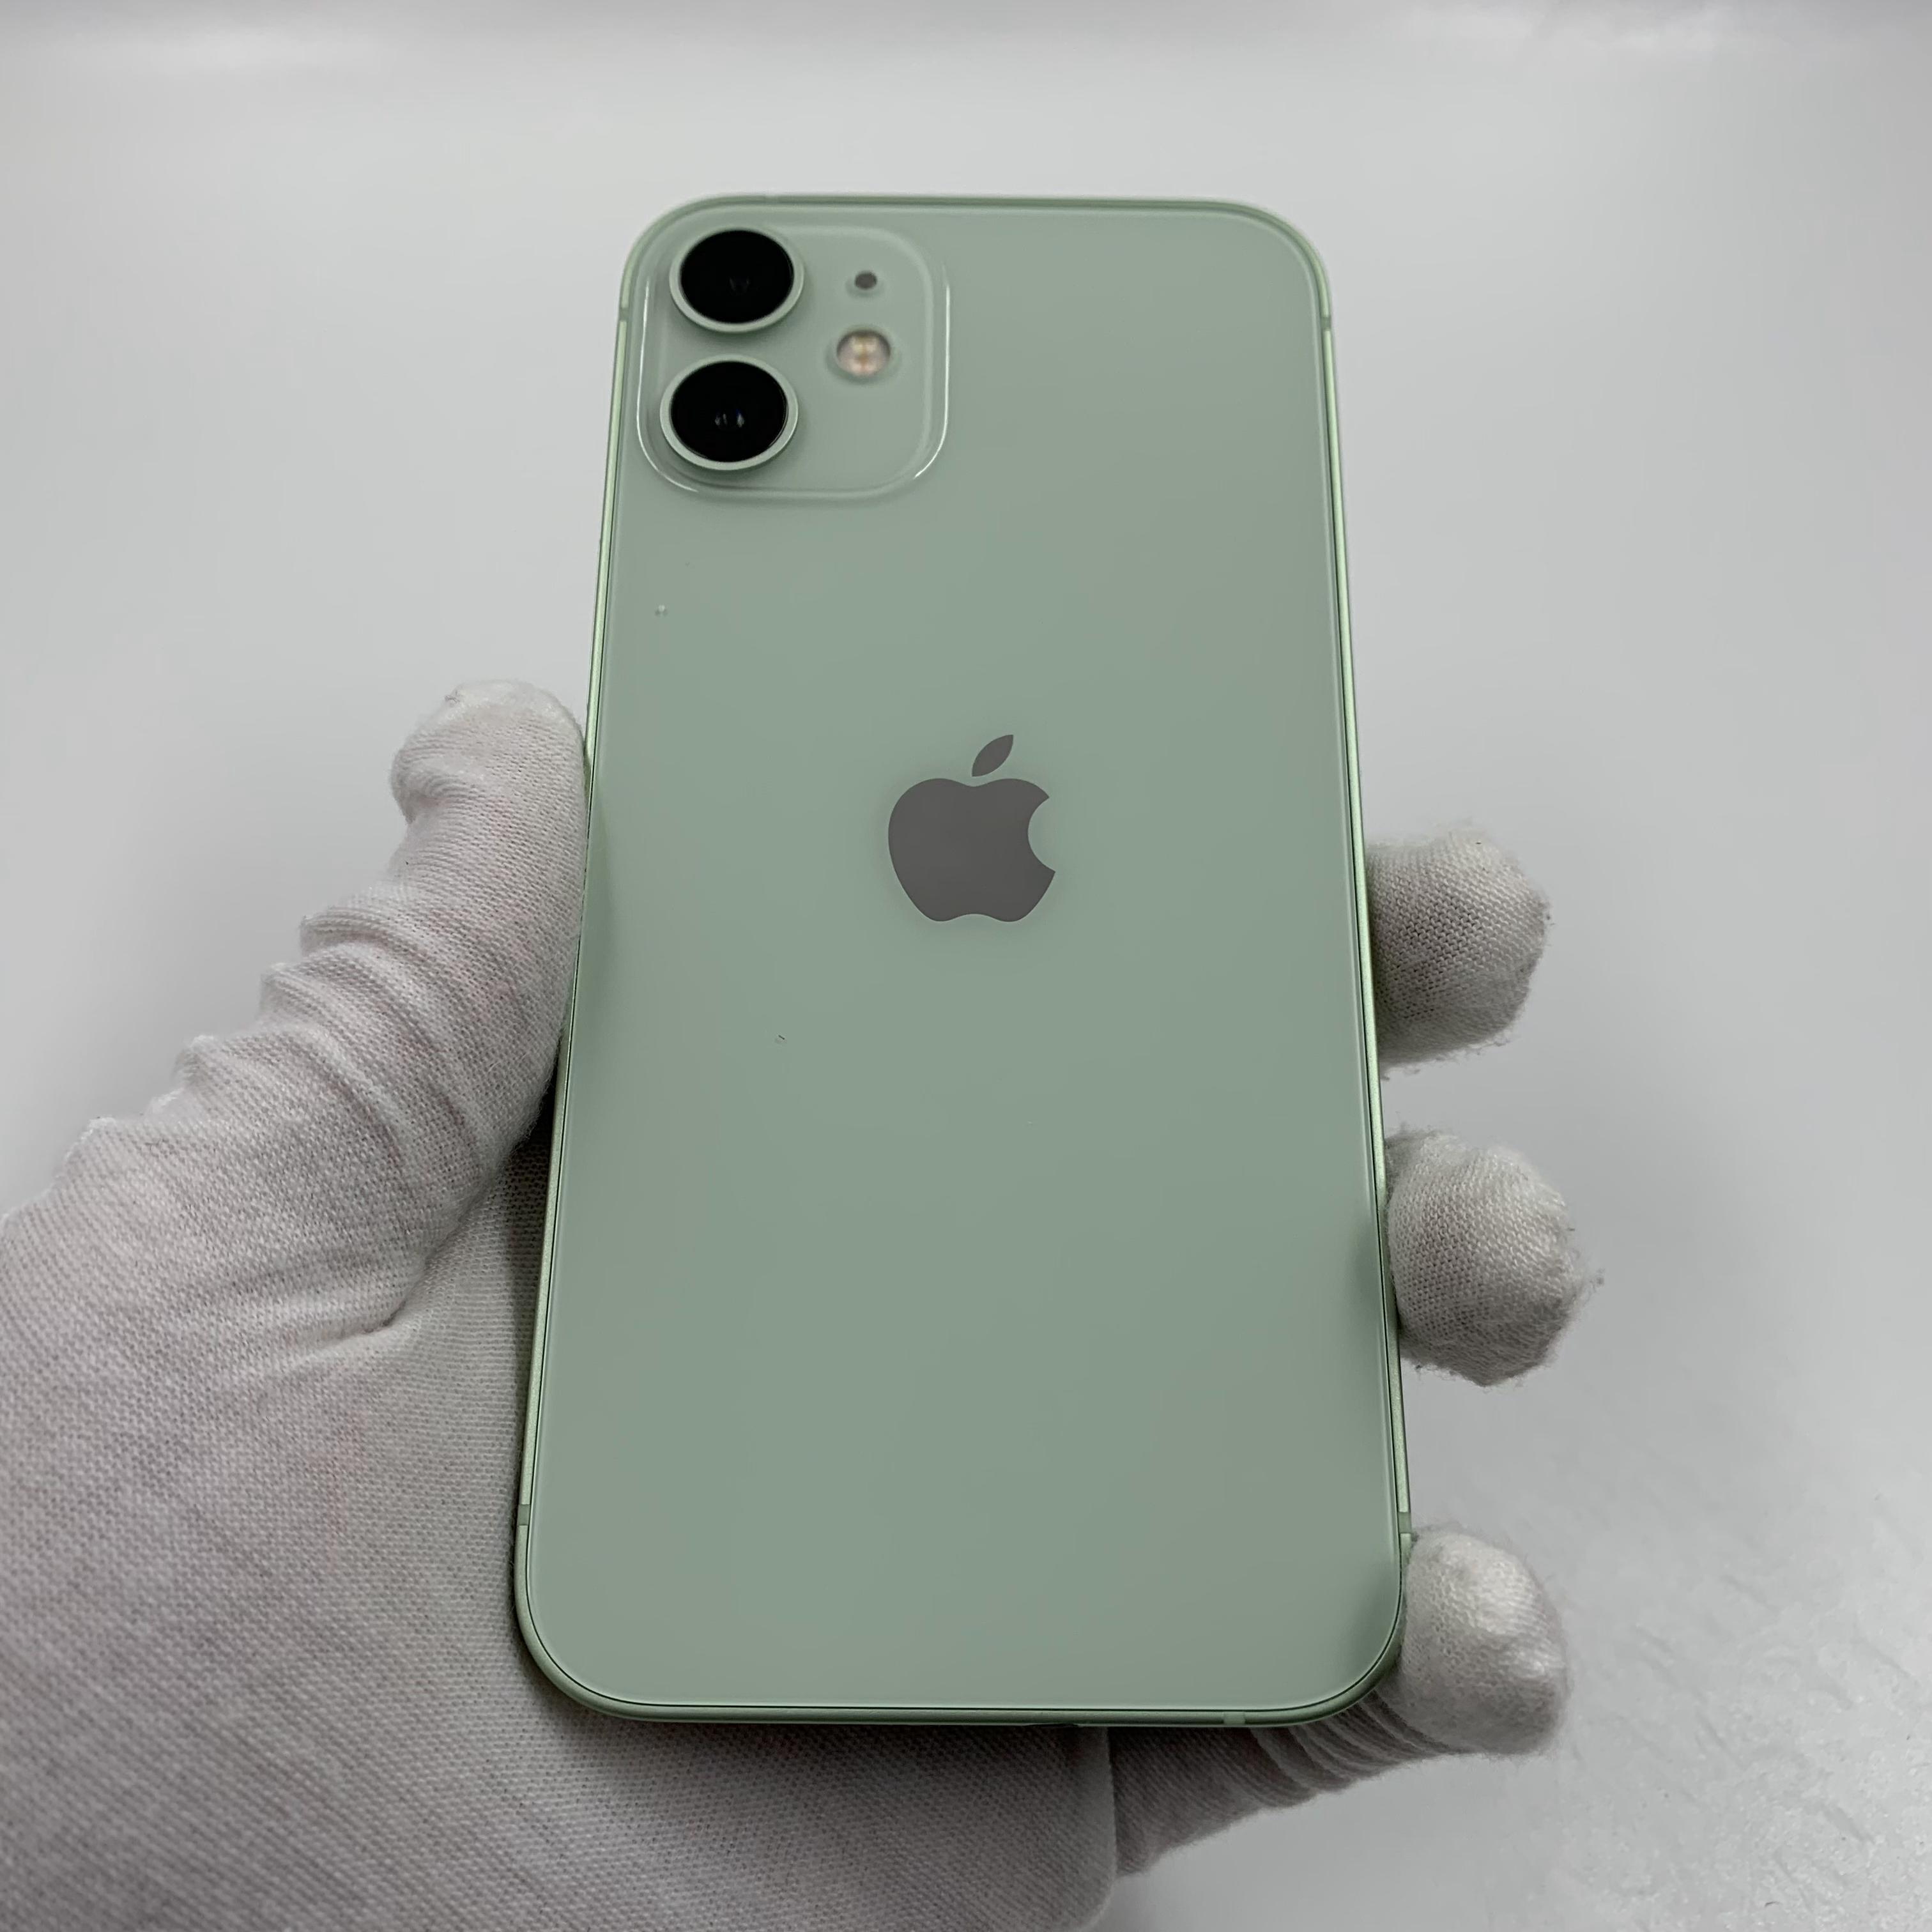 苹果【iPhone 12 mini】5G全网通 绿色 64G 国行 95新 真机实拍官保2022-02-06